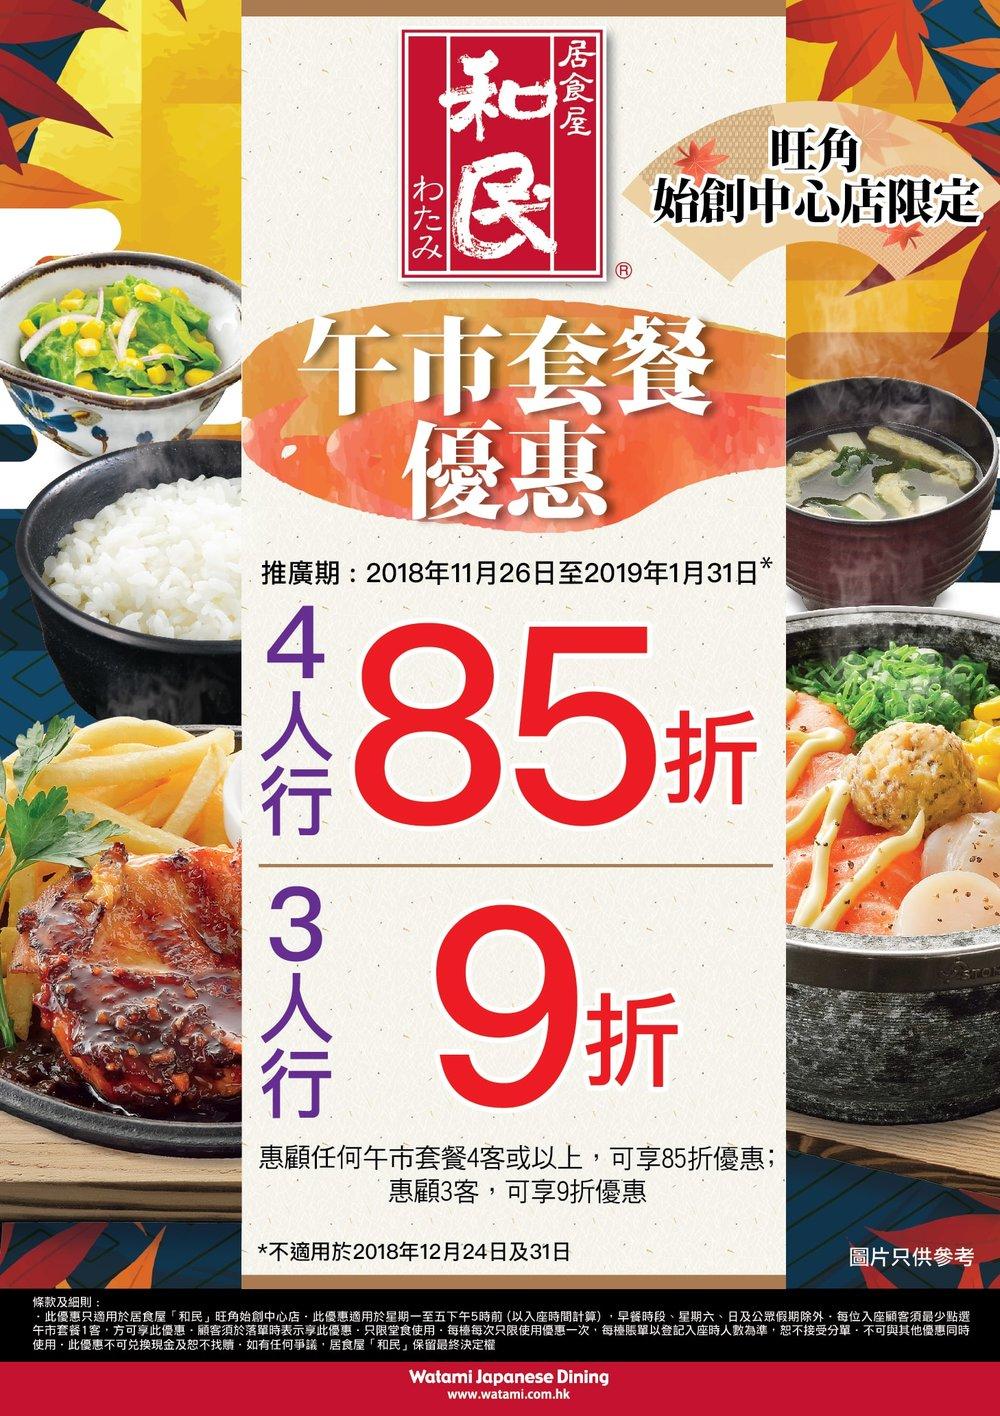 PC Lunch Promotion_final-02-min.jpg